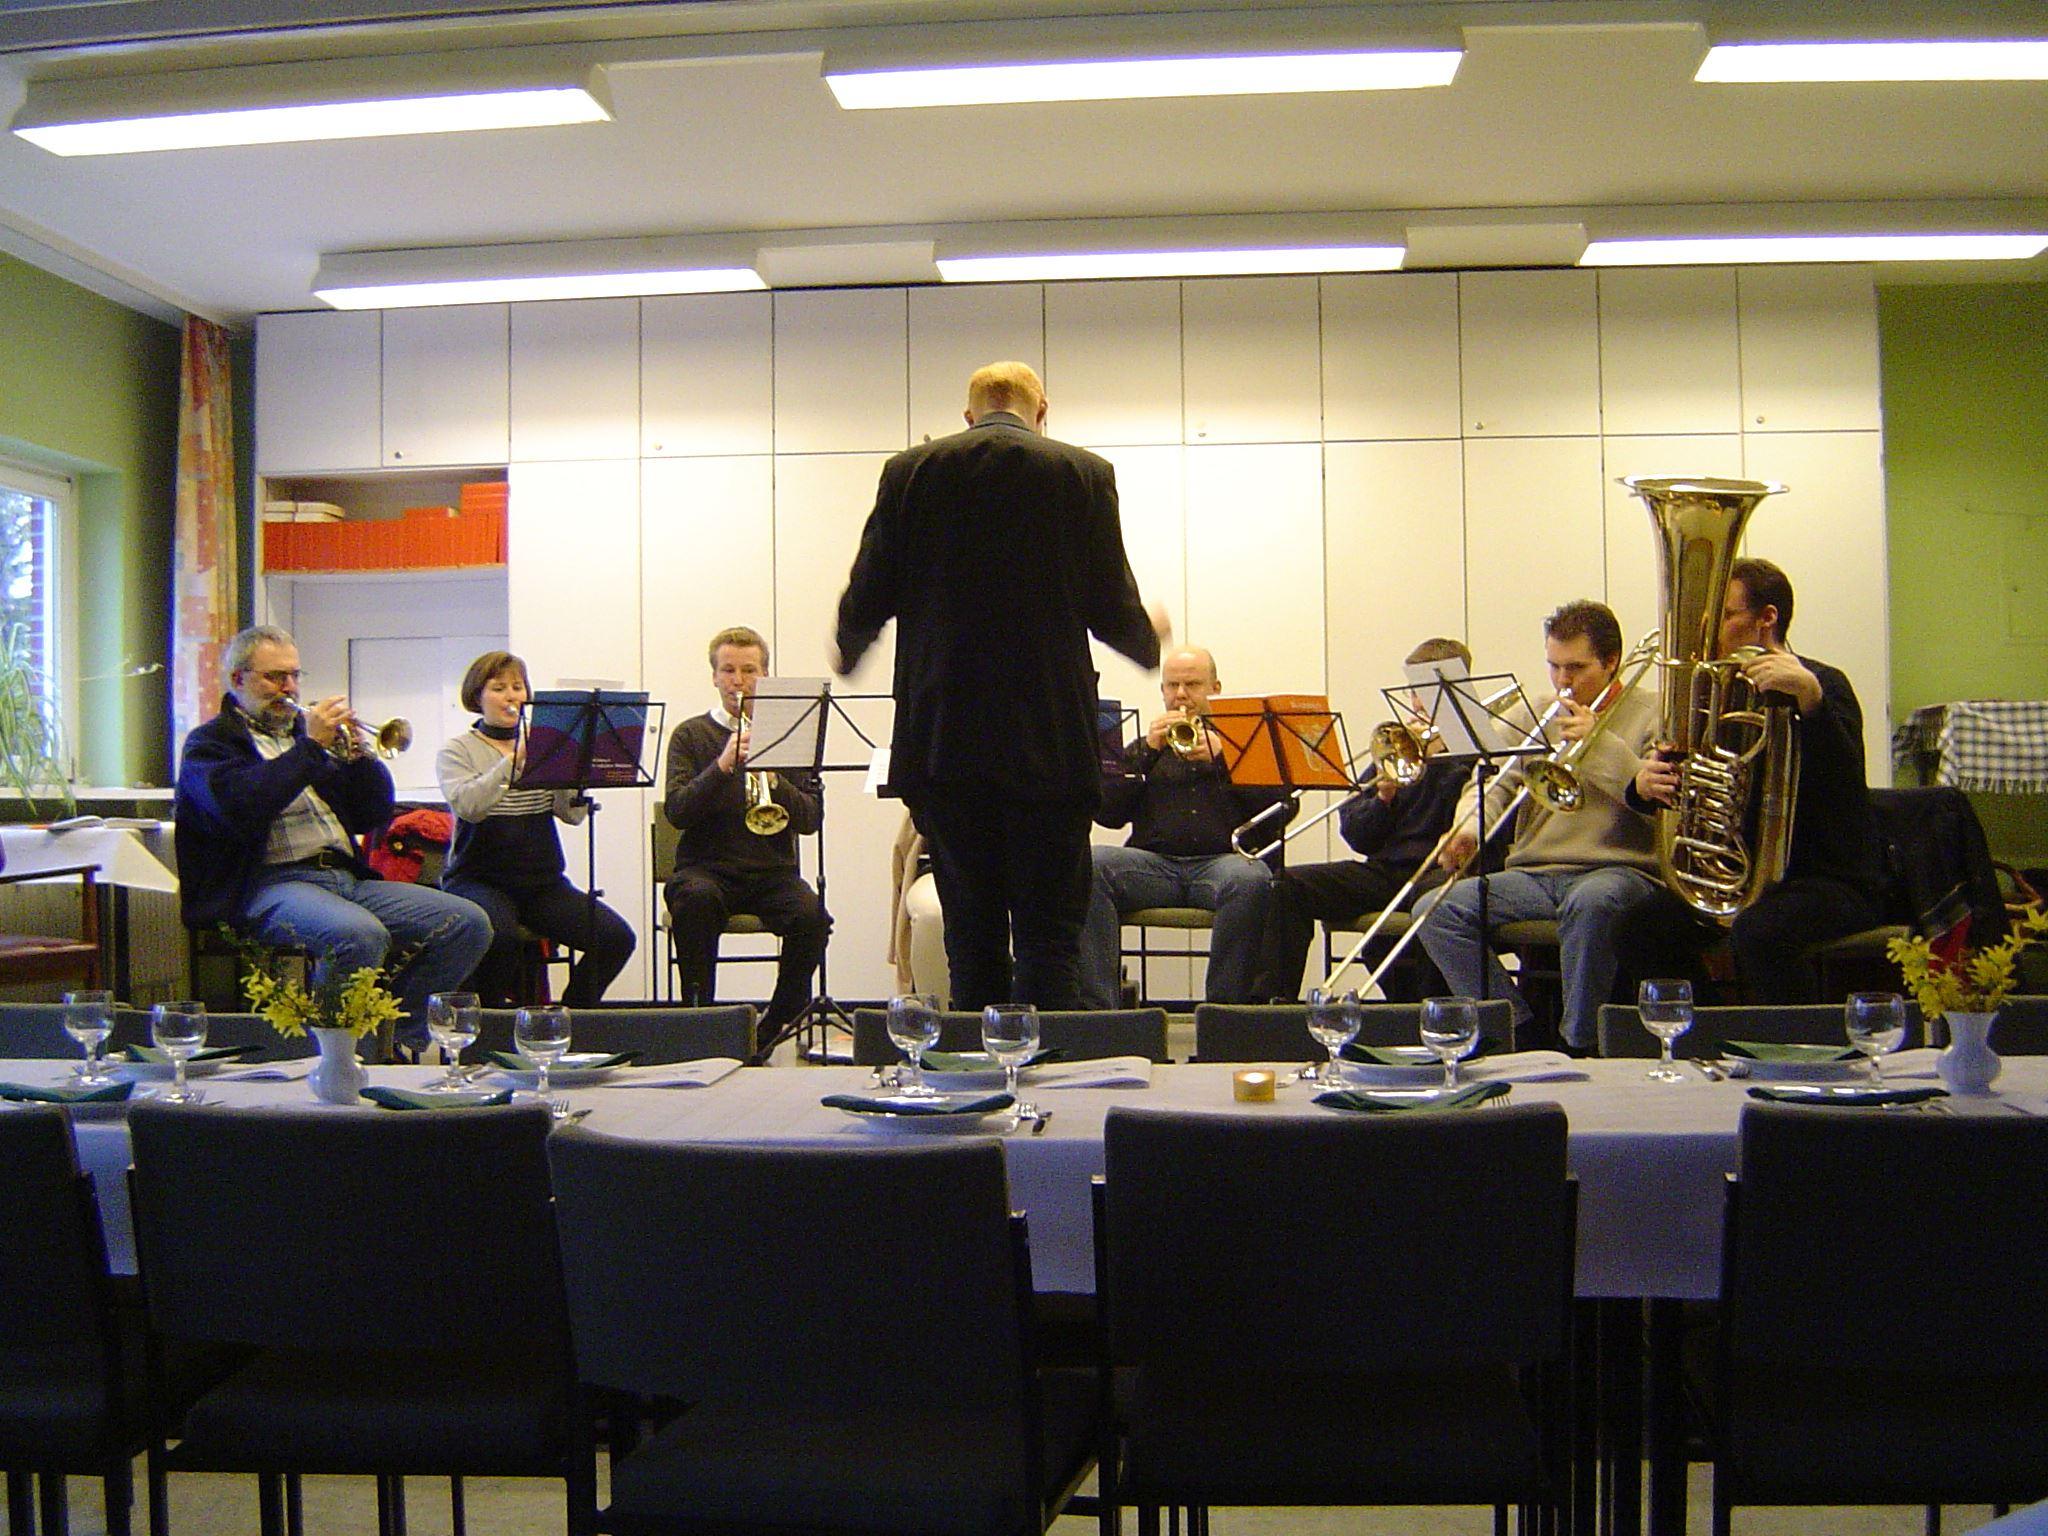 Bodo Claudia, Michael, Silke (verdeckt von Christian), Gastbläser, Matthias, Philipp und Philip